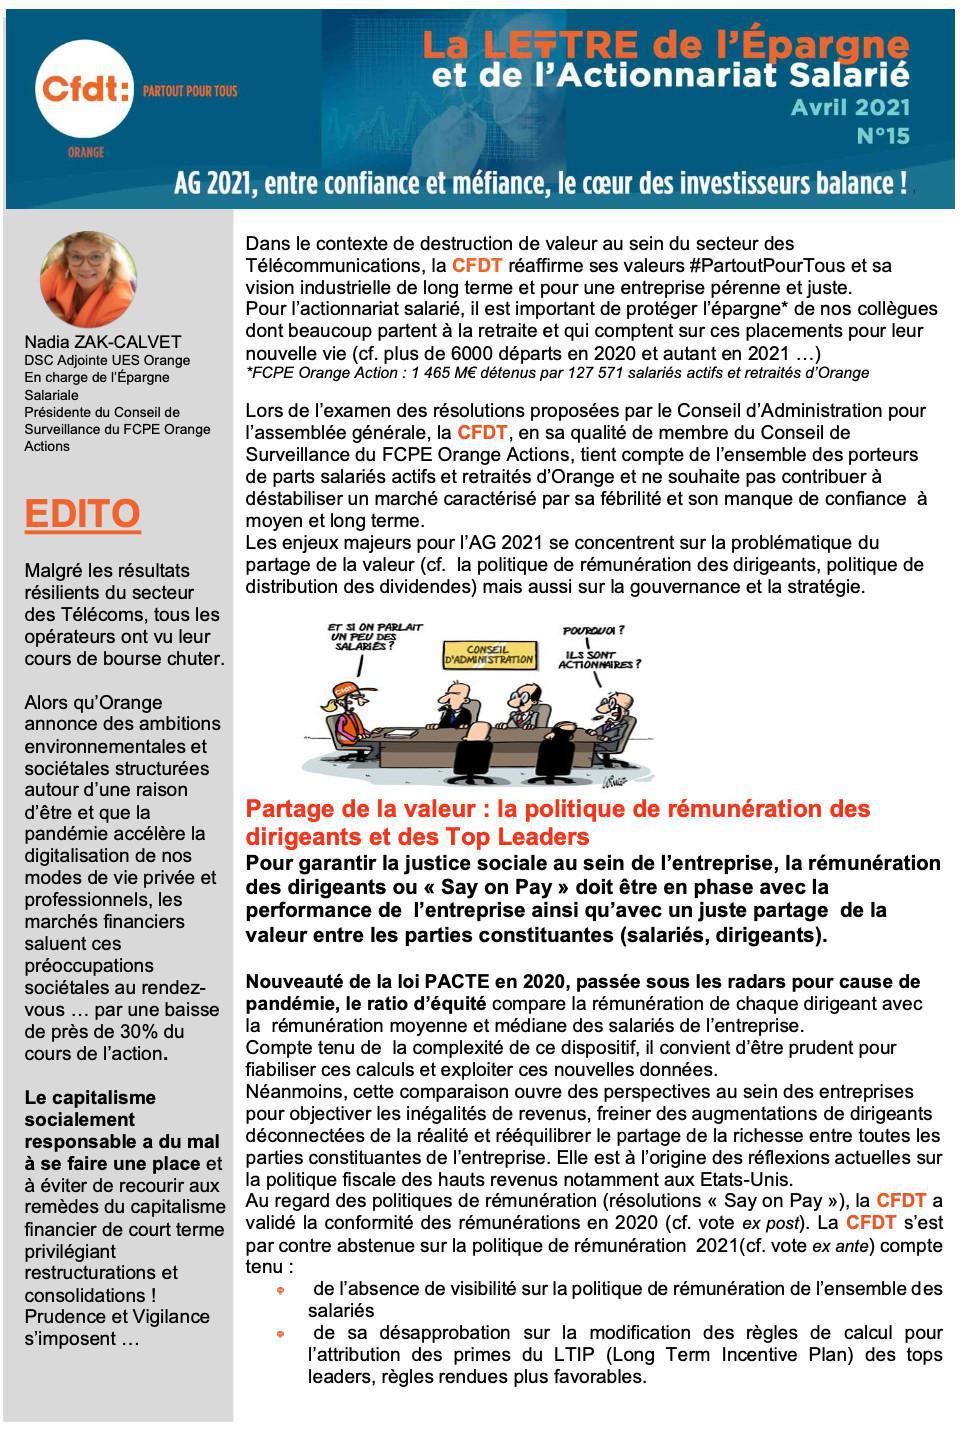 La lettre de l'épargne et de l'actionnariat salarié #N°15 - Avril 2021